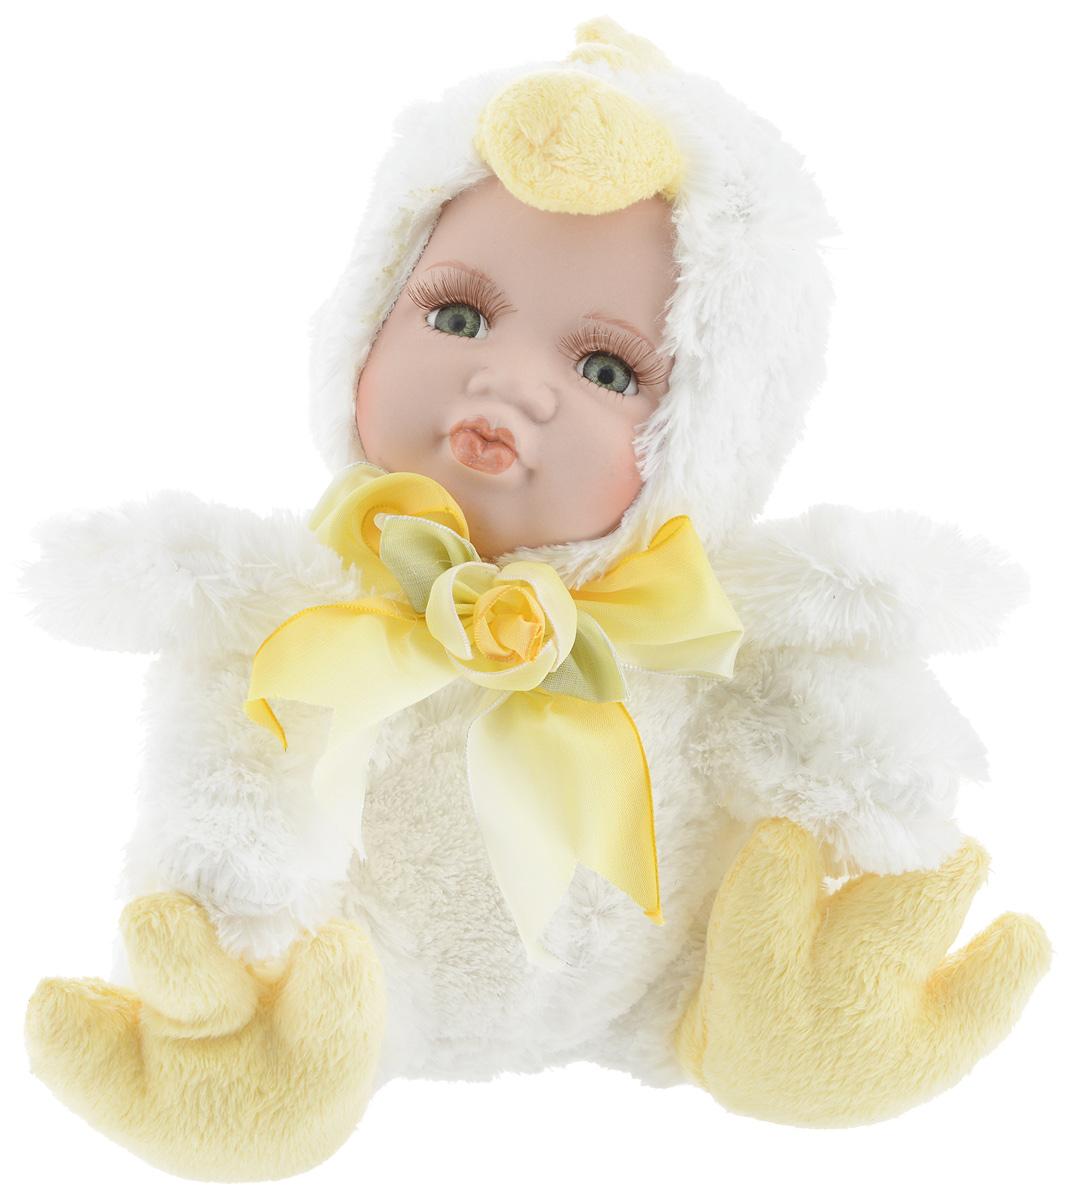 Фигурка ESTRO Ребенок в костюме цыпленка, цвет: белый, желтый, высота 22 смC21-128215BДекоративная фигурка Ребенок в костюме цыпленка изготовлена из высококачественных материалов в оригинальном стиле. Фигурка выполнена в виде ребенка в костюме цыпленка.Уютнаяи милая интерьерная игрушка предназначена для взрослых и детей, для игр и украшения новогодней елки, да и просто, для создания праздничной атмосферыв интерьере! Фигурка прекрасно украсит ваш дом к празднику, а в остальные дни с ней с удовольствием будут играть дети. Оригинальный дизайн и красочное исполнение создадут праздничное настроение. Фигурка создана вручную, неповторима и оригинальна. Порадуйте своих друзей и близких этим замечательным подарком!